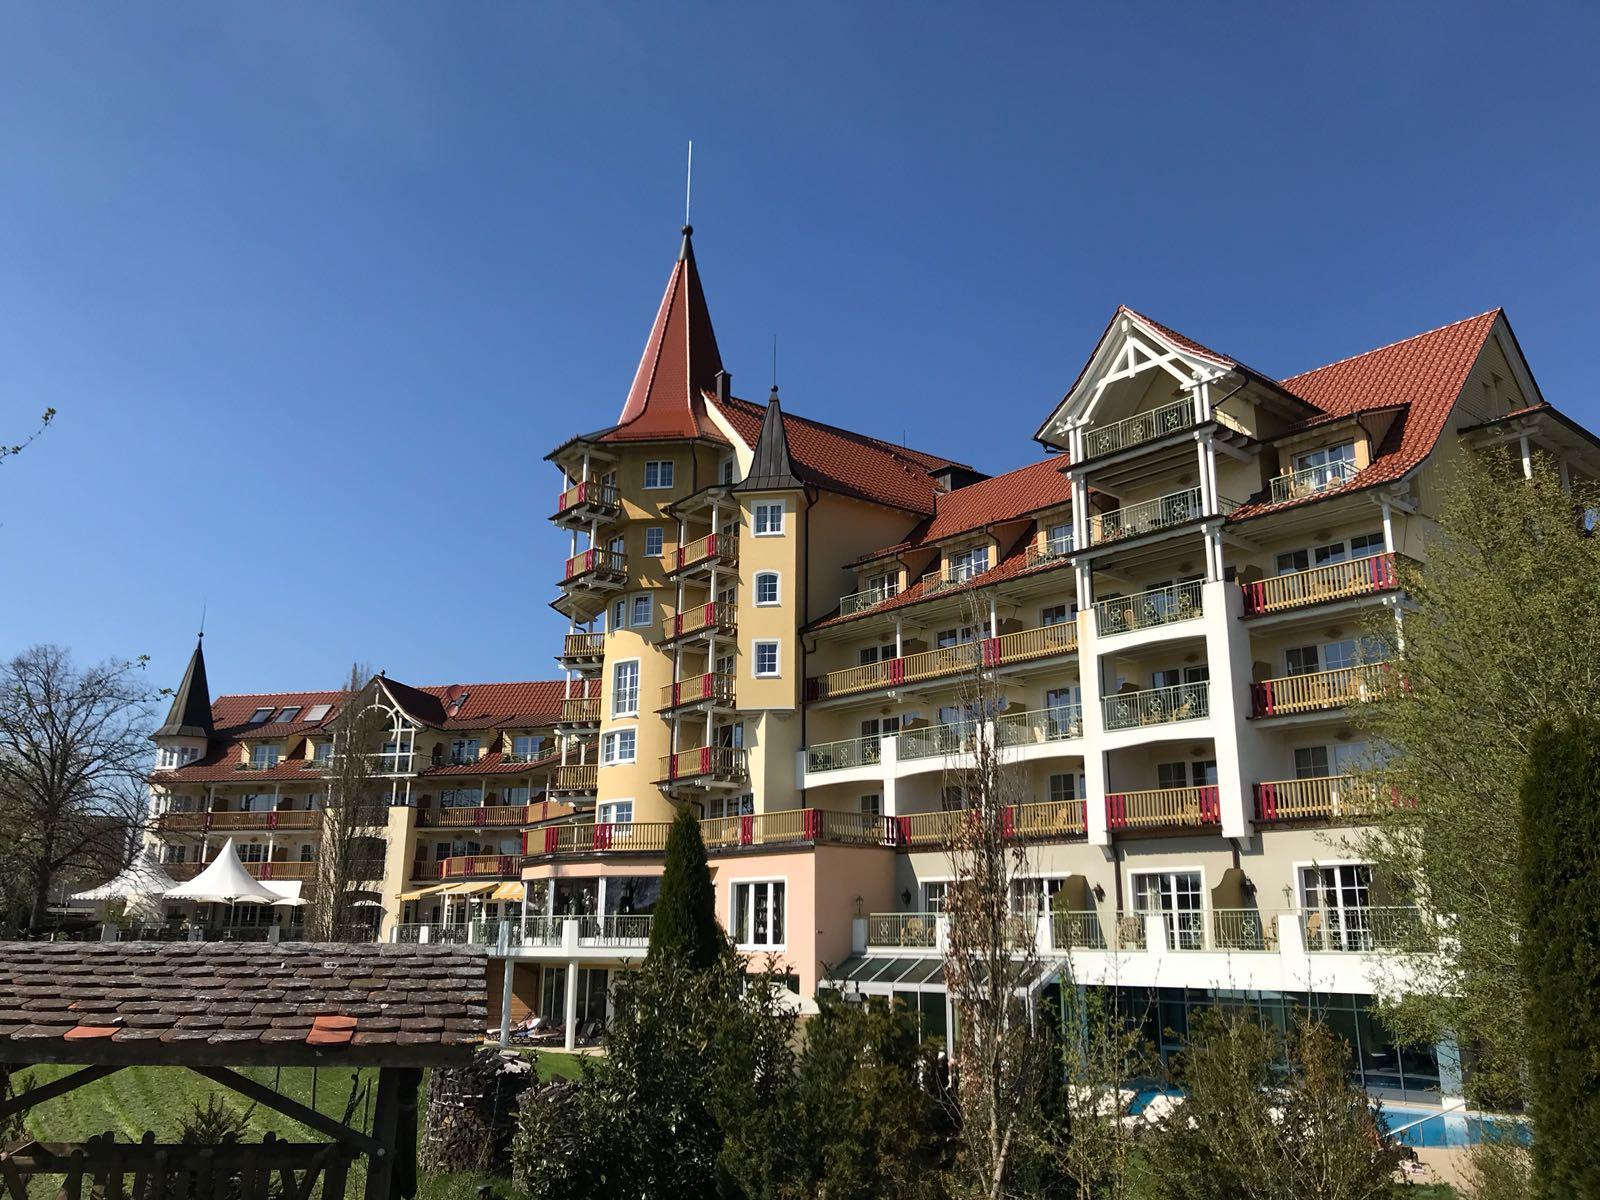 Nouveau Pilote Hôtelier de Luxe à Fichtenau-Neustadtlein en Allemagne – Encore un HydroFLOW!